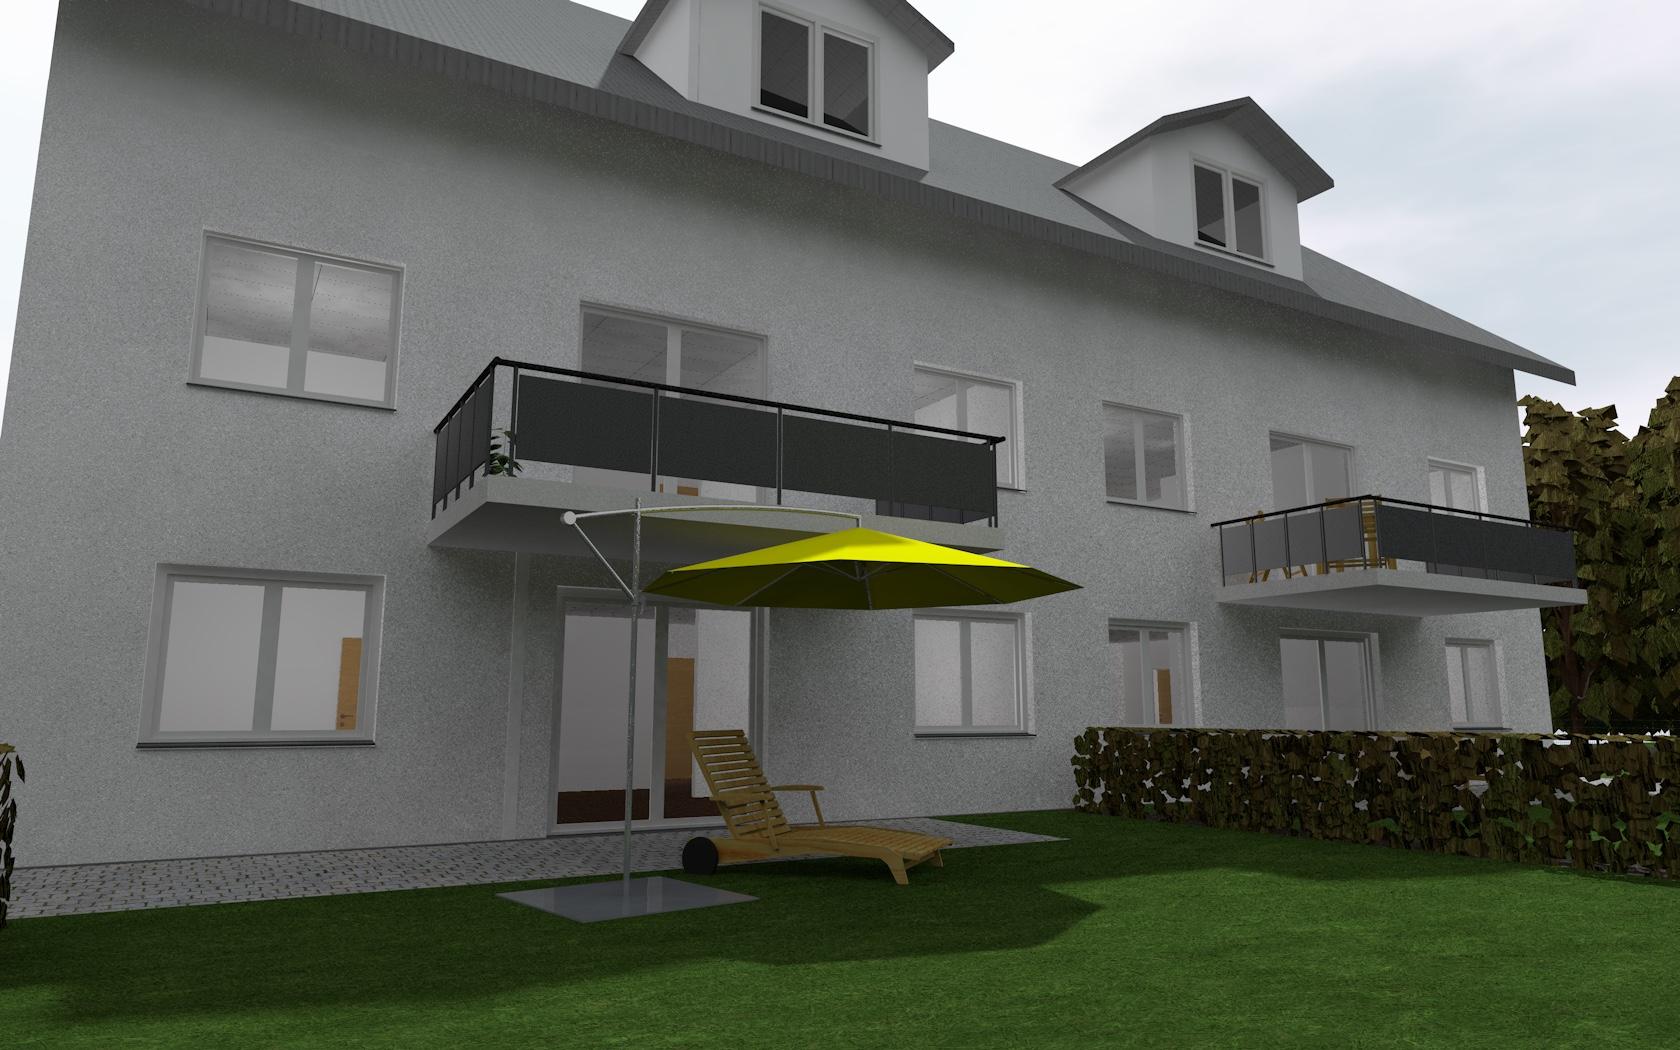 Projektiertes Mehrfamilienhaus für die Vermarktung von Eigentumswohnungen.